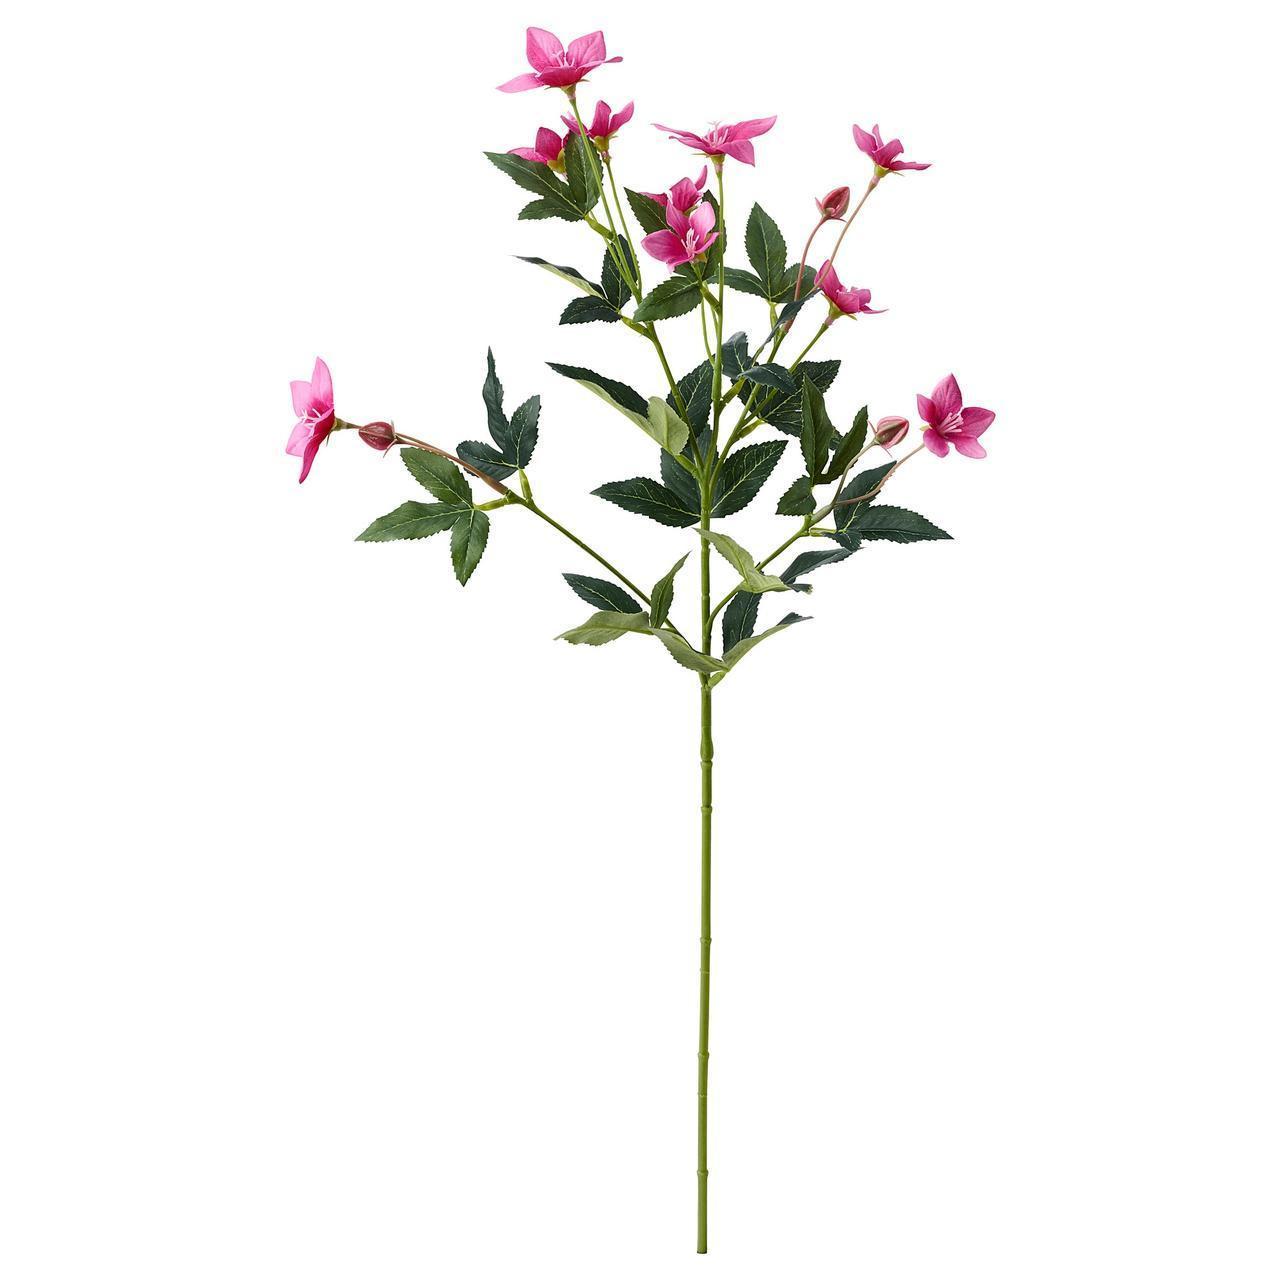 Штучний квітка IKEA SMYCKA 60 см рожевий 504.097.32